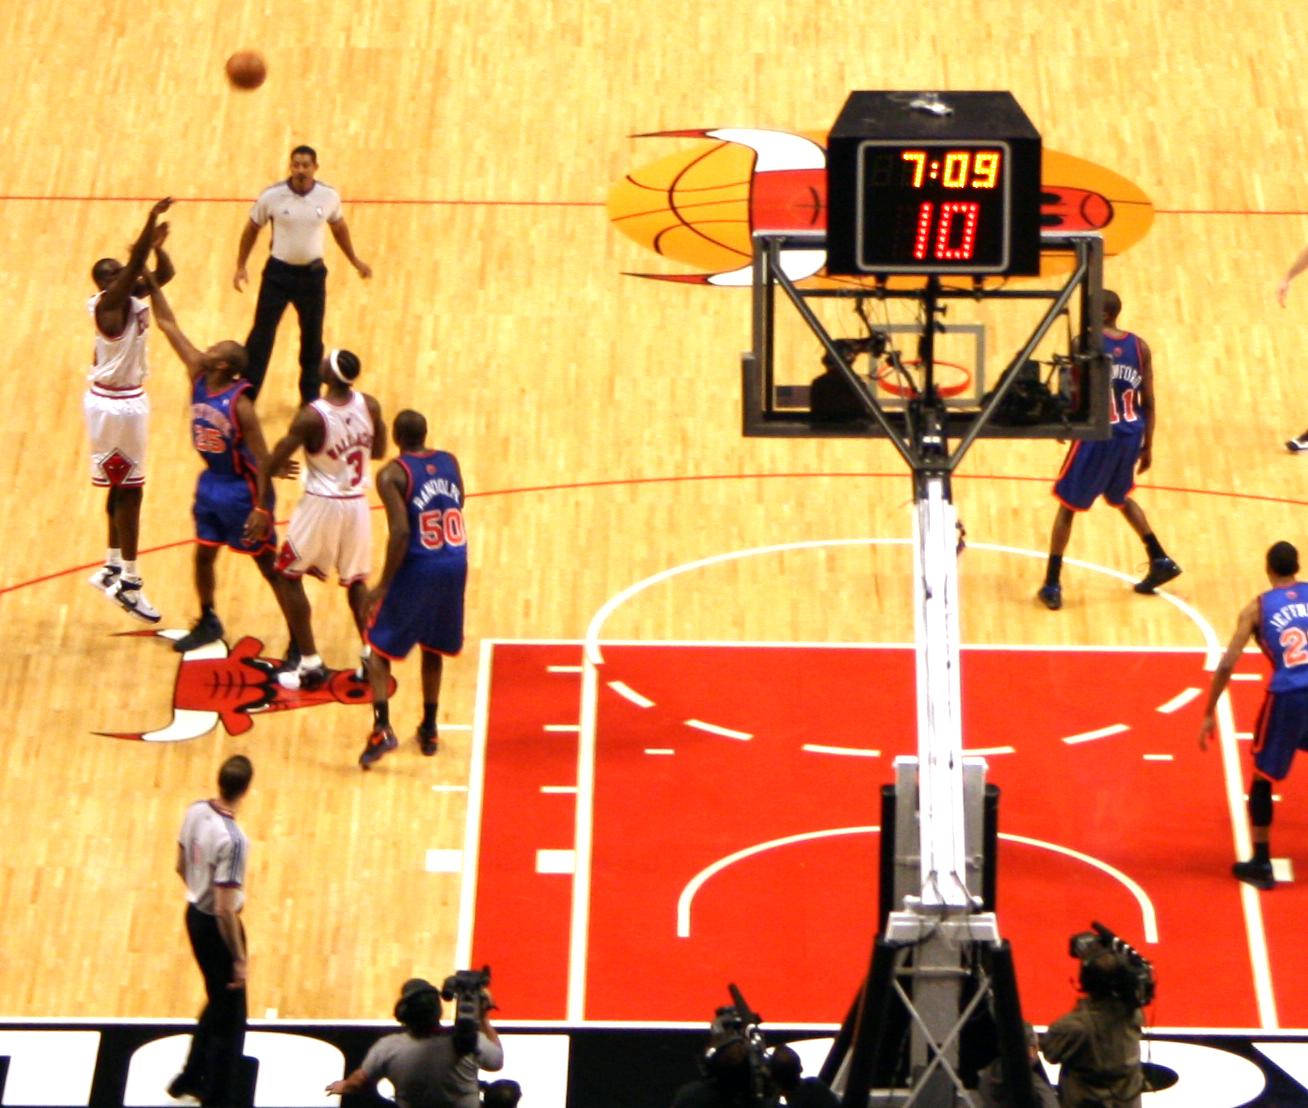 バスケットボールの画像 p1_12